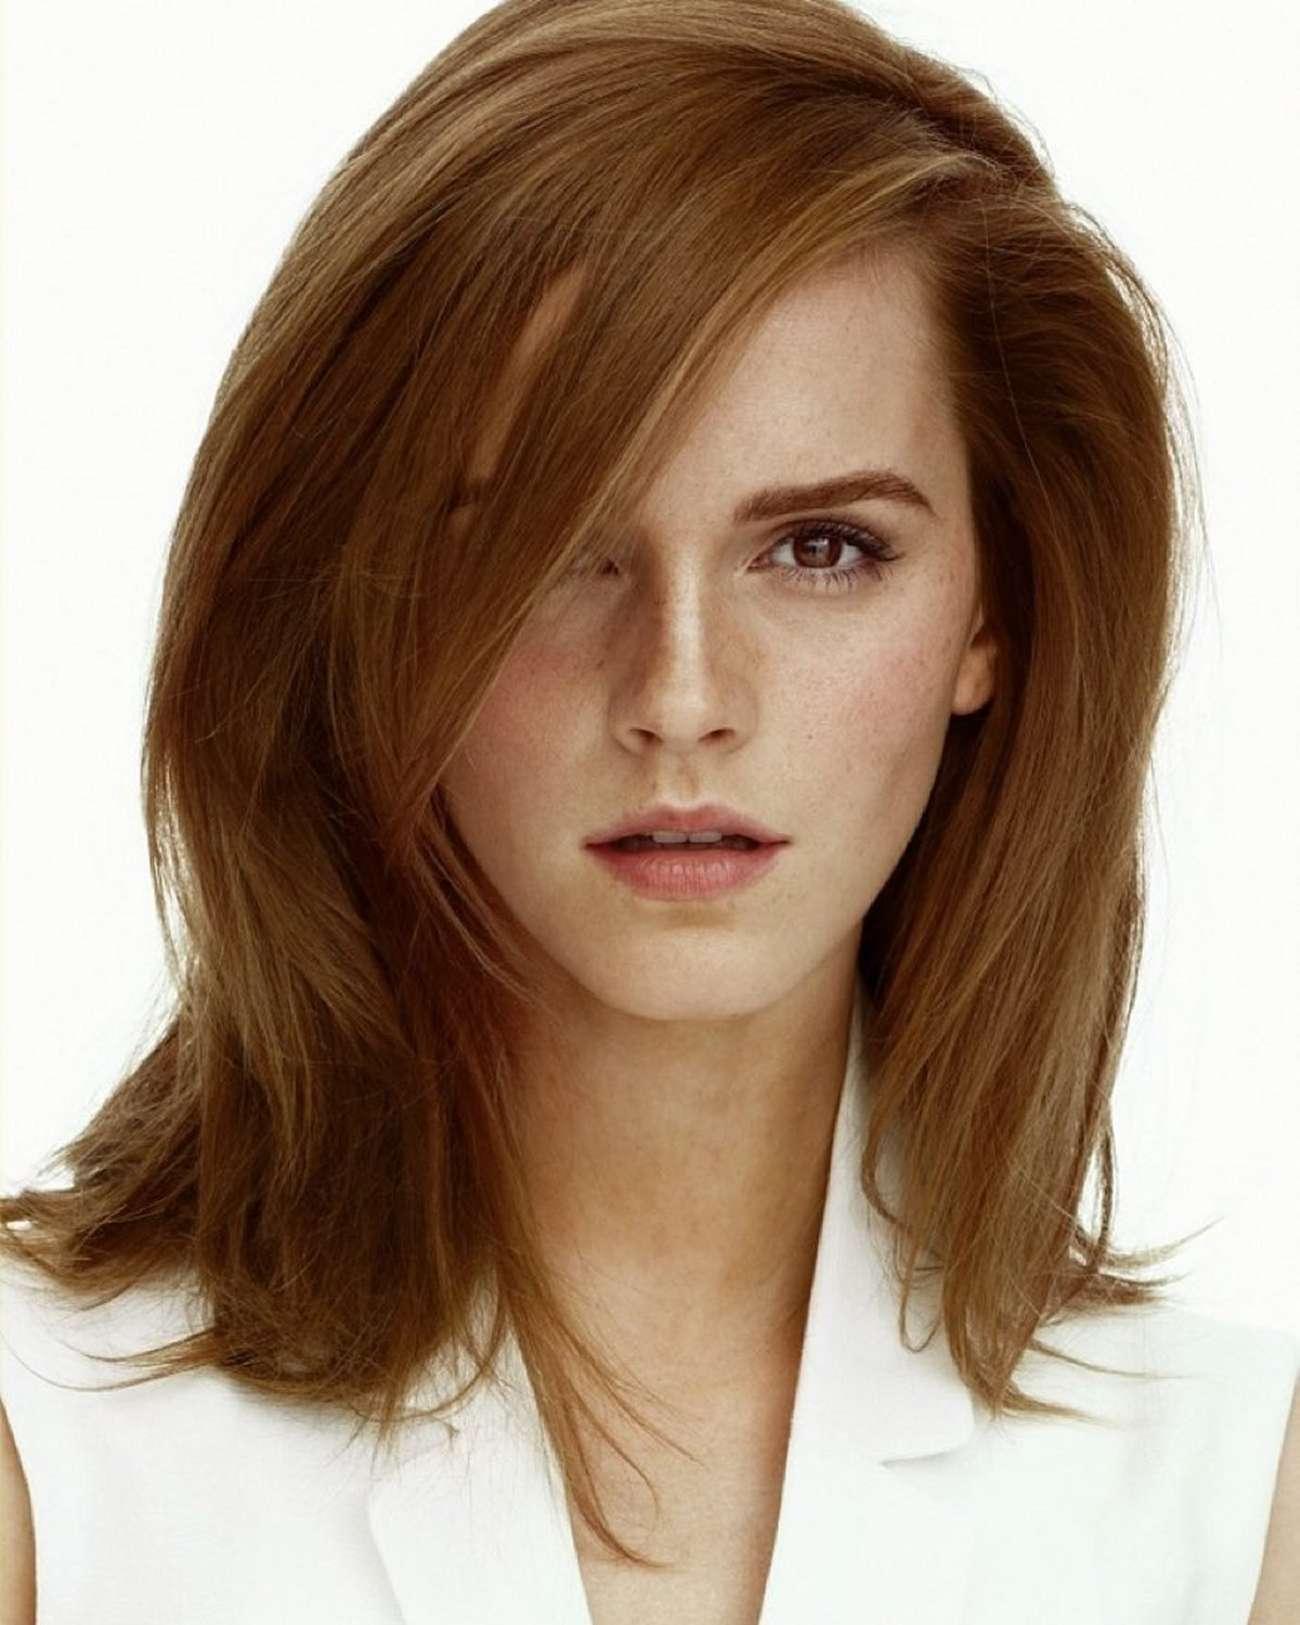 Emma Watson - 'Goodreads' Profile Picture